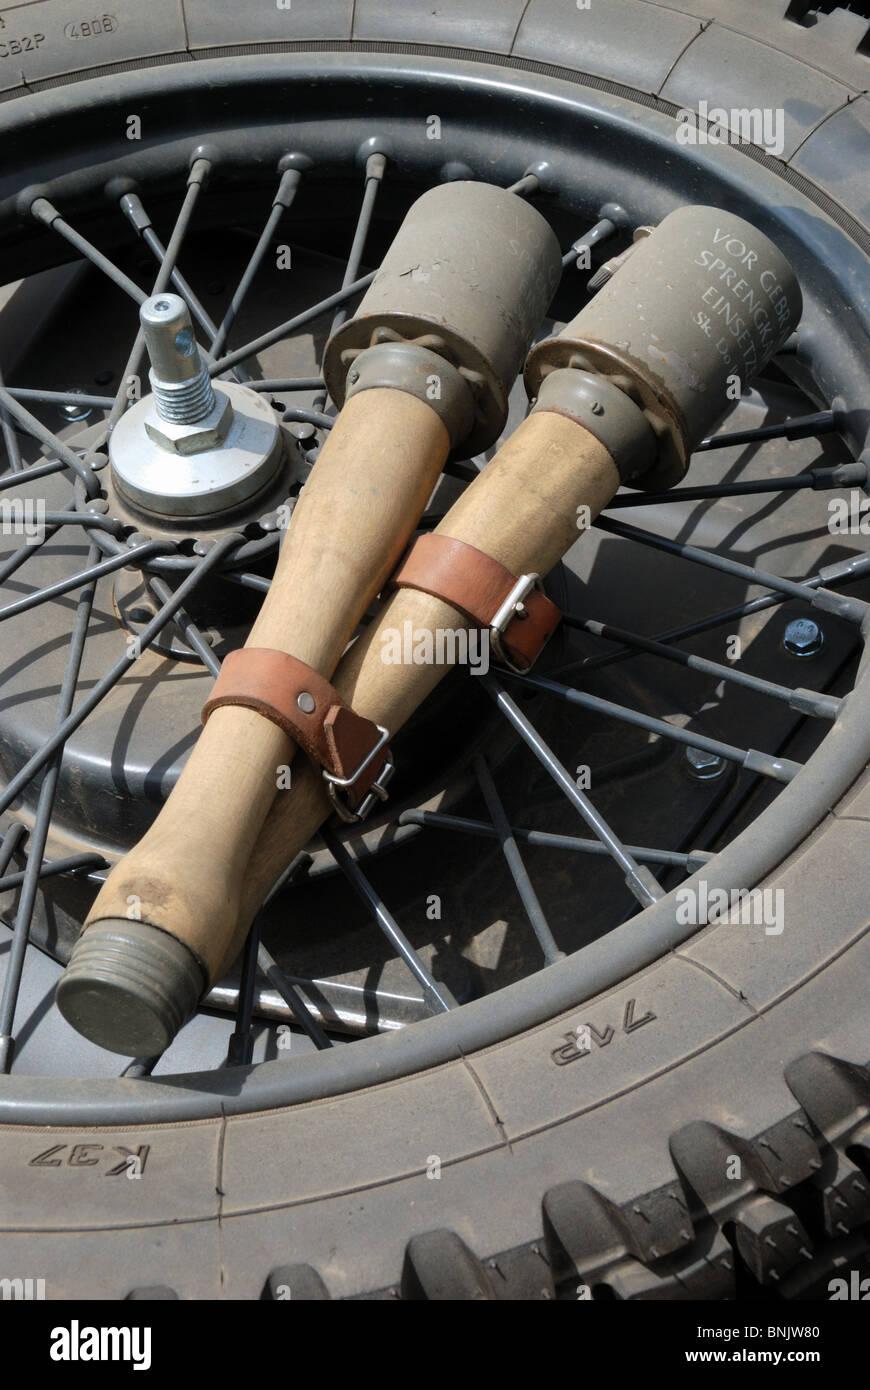 Due tedesche tipo stick 24 granate attaccato ad un lato del motociclo auto ruota di scorta. Immagini Stock